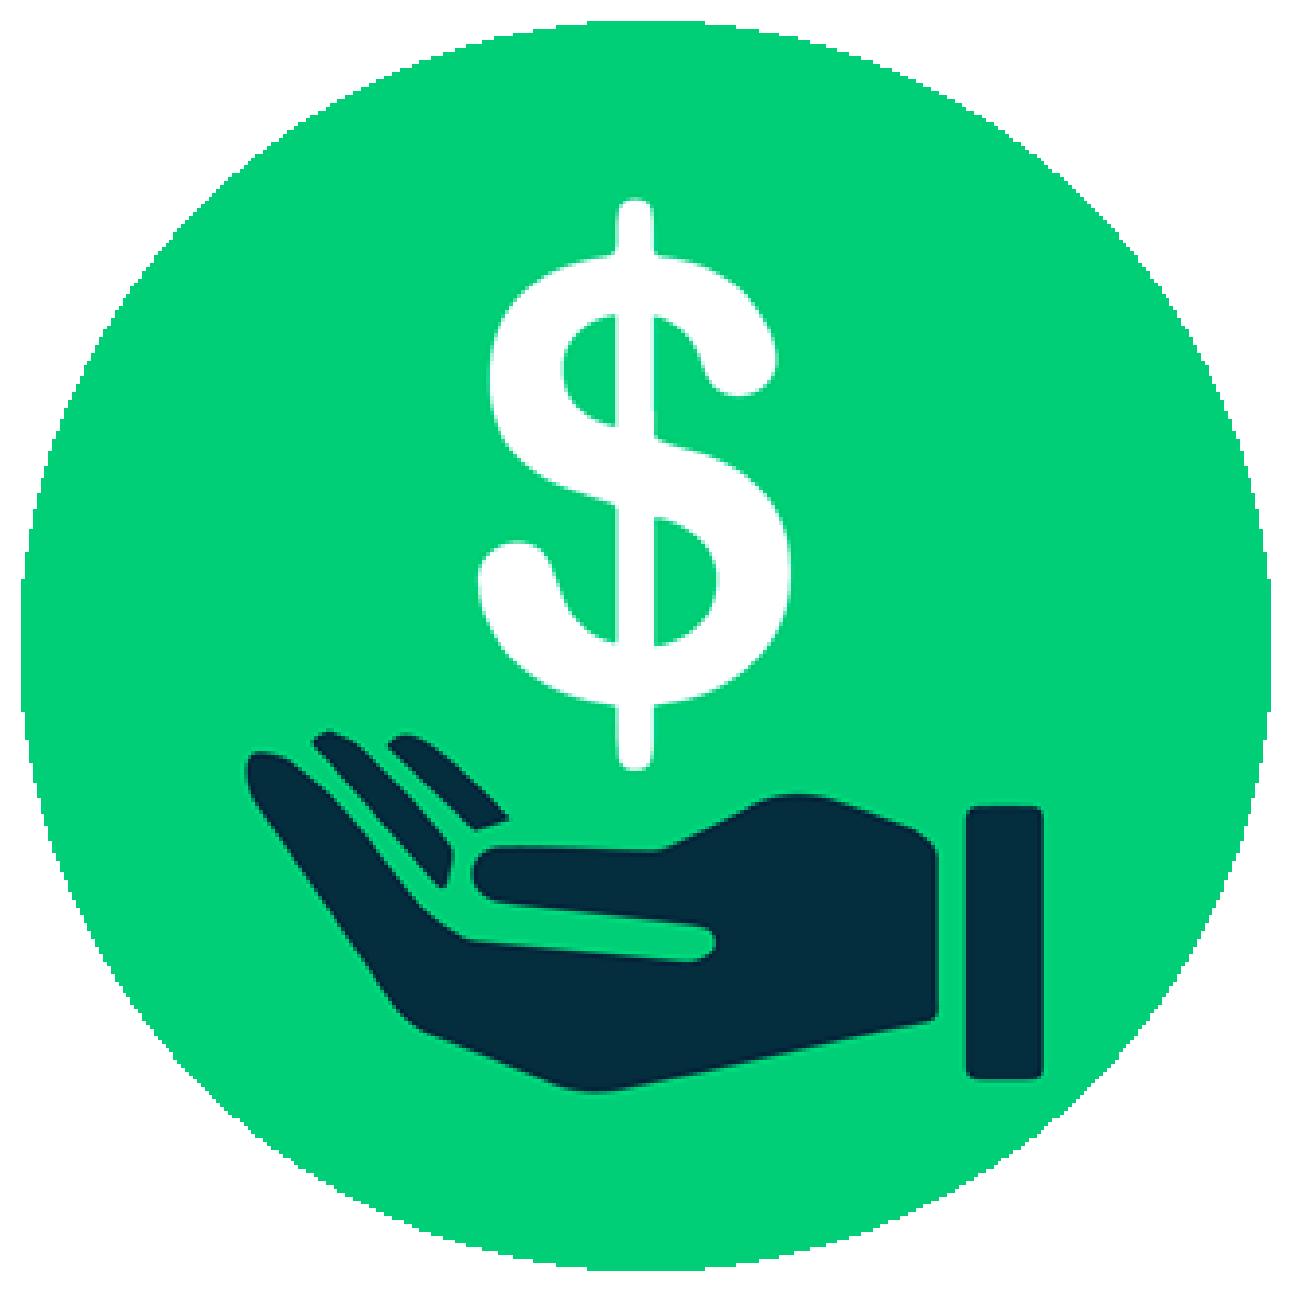 Icono verde con mano y símbolo del dinero